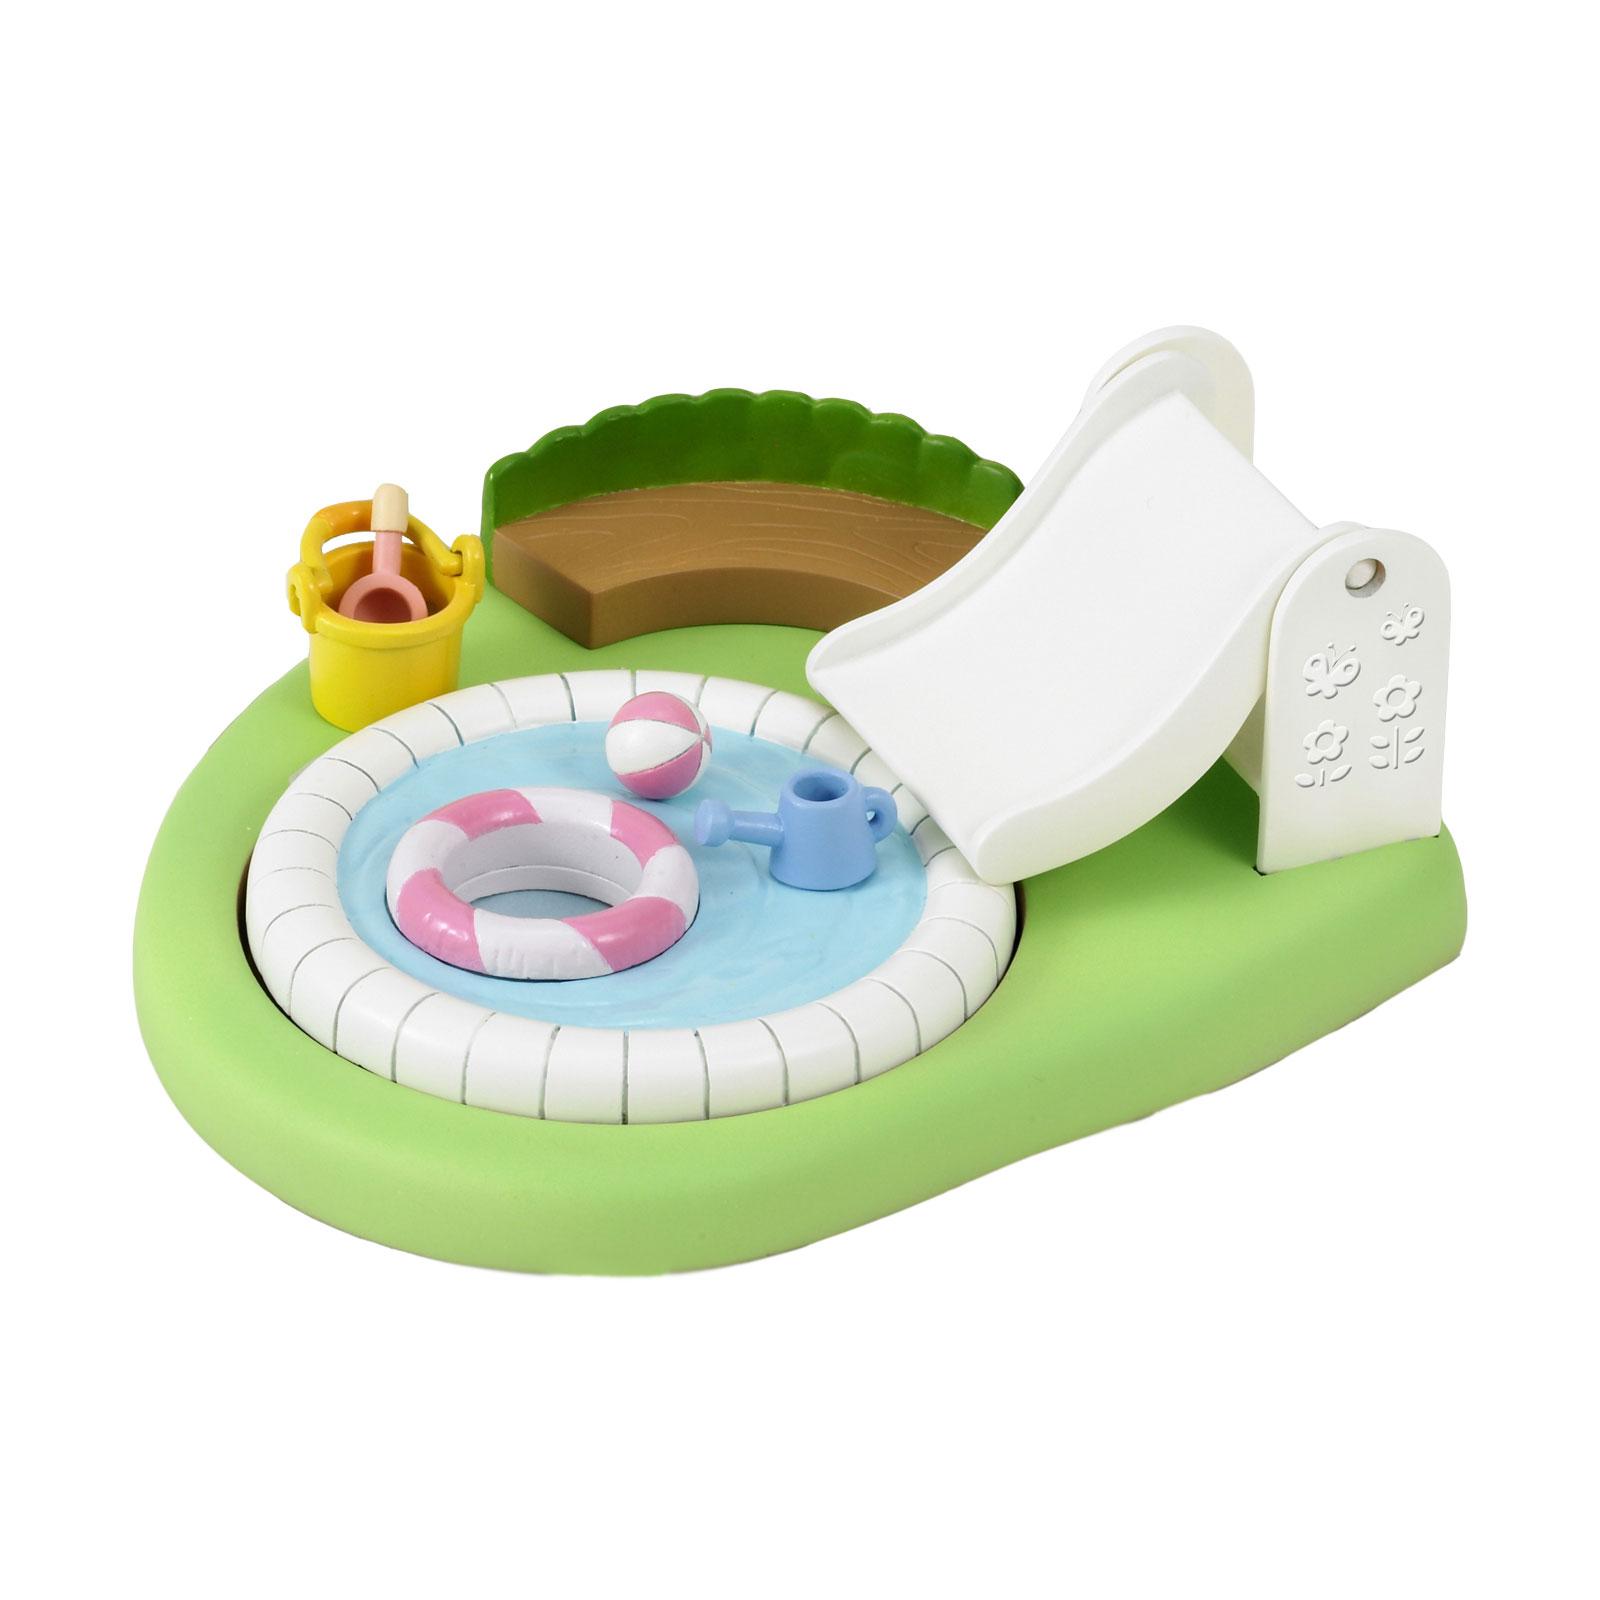 Игровой набор Sylvanian Families Бассейн и песочница для малышей<br>